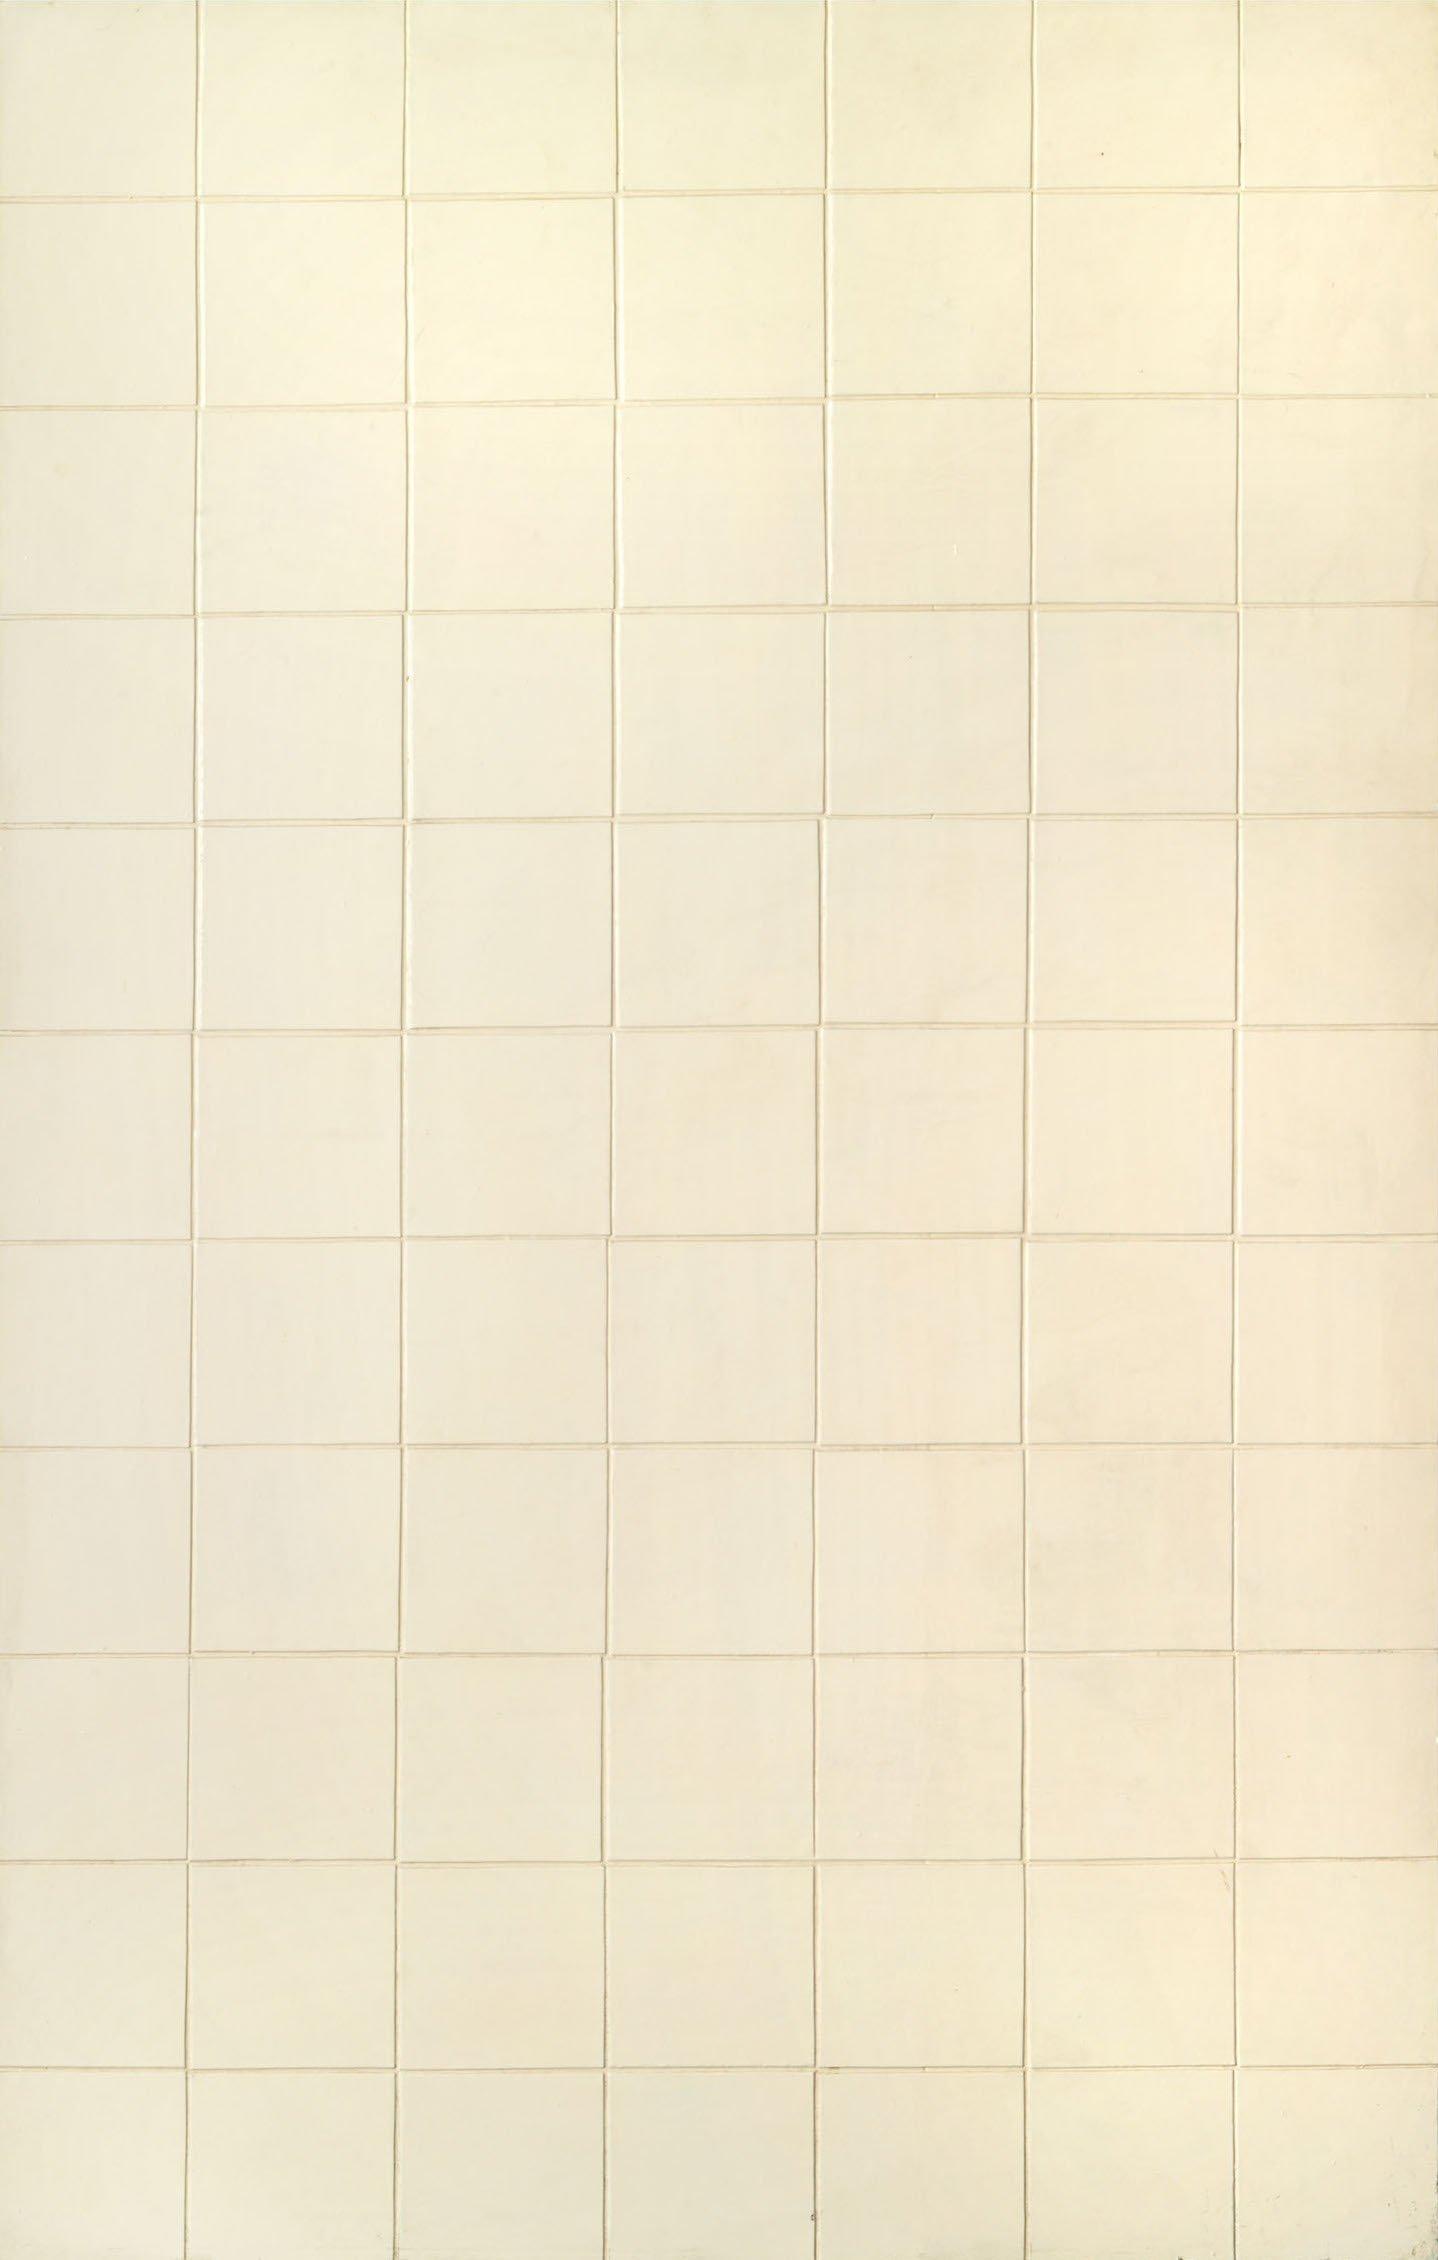 Sergio Lombardo, Bianco 77, 1961, émail sur bois, 113x72 cm